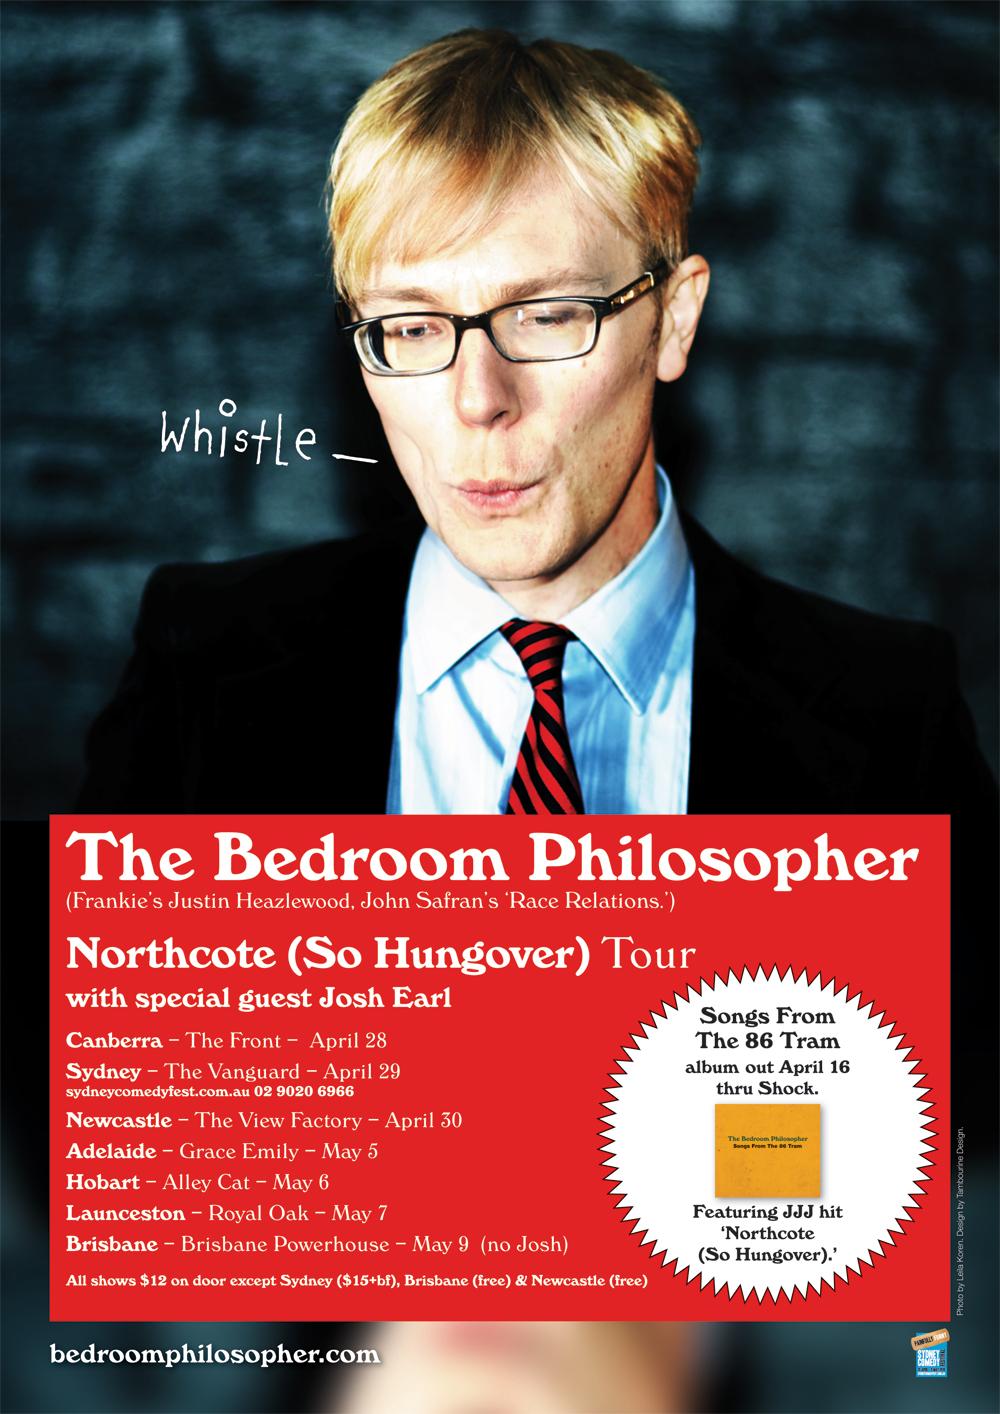 The Bedroom Philosopher - Brown & Orange